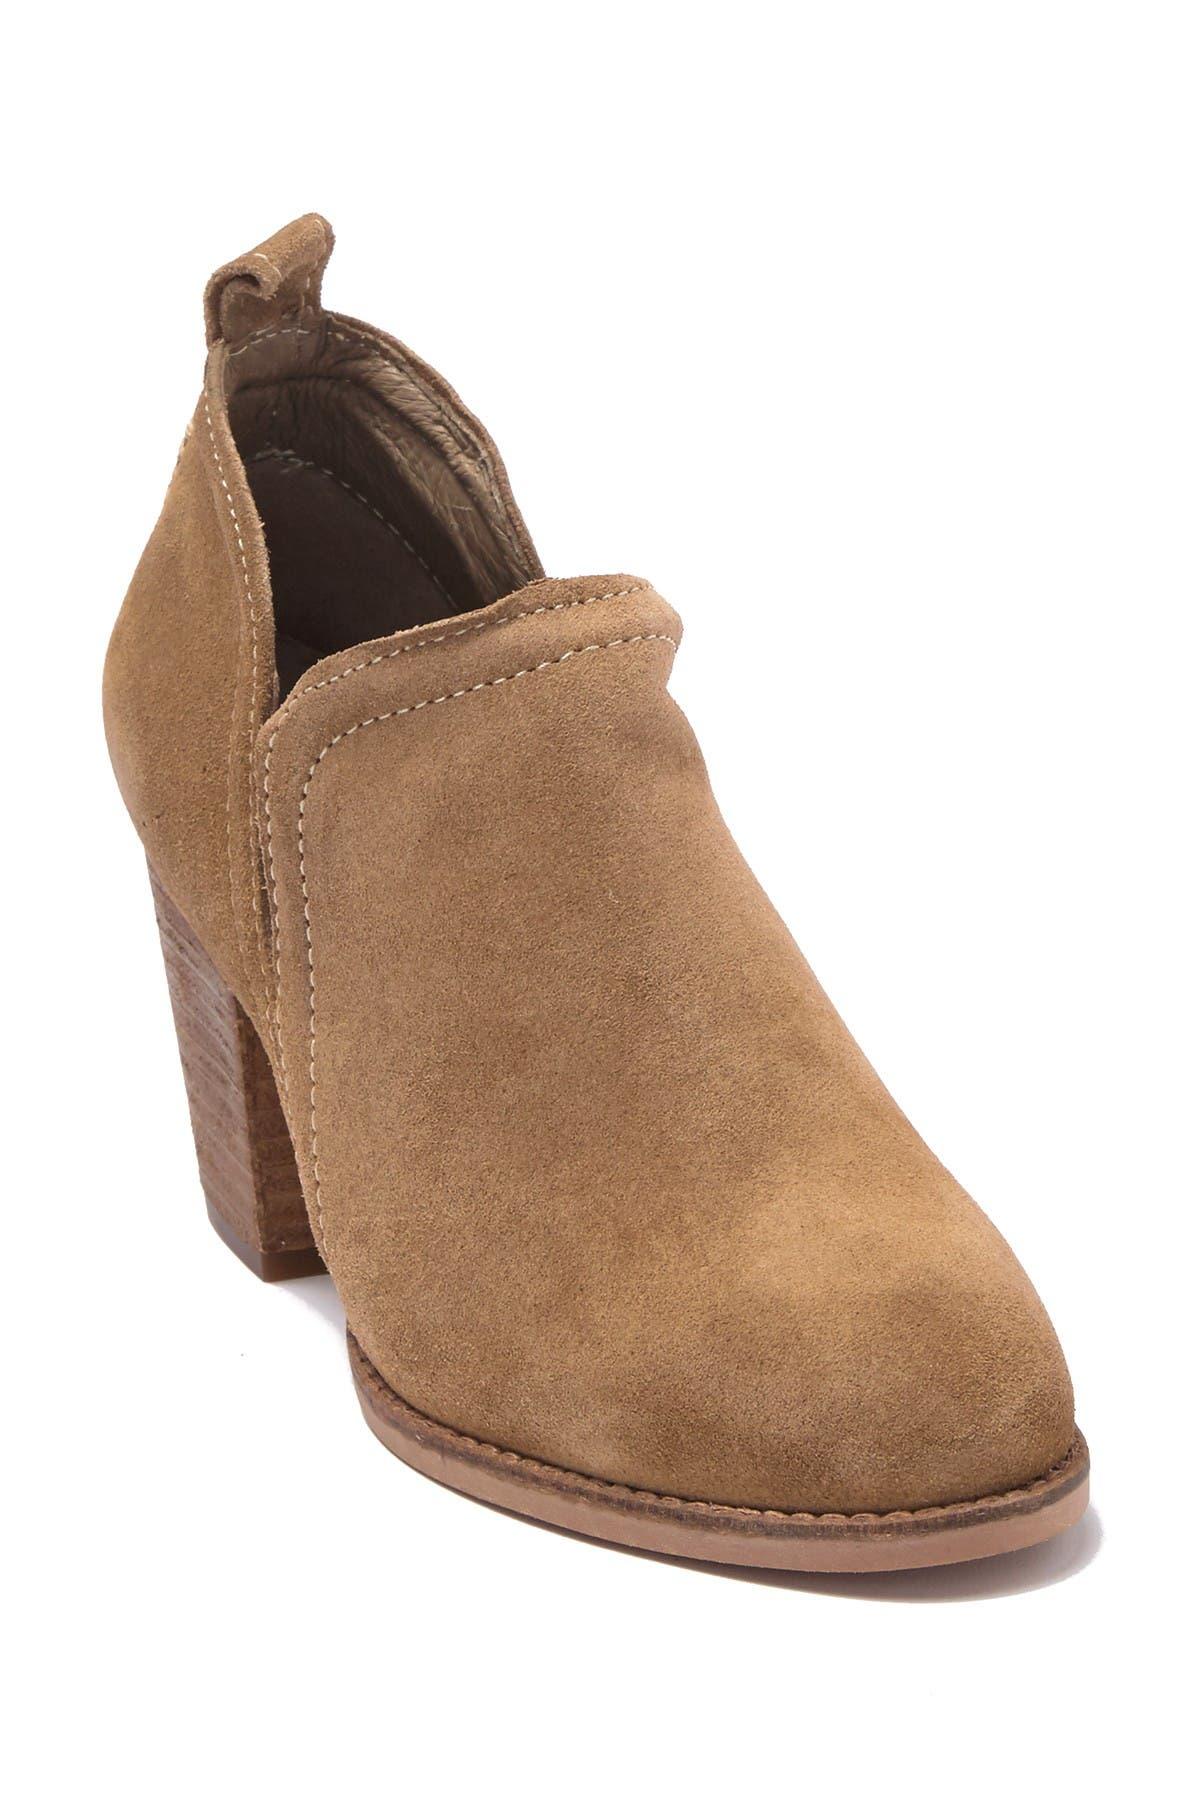 Zigi girl Women's Shoes   Nordstrom Rack